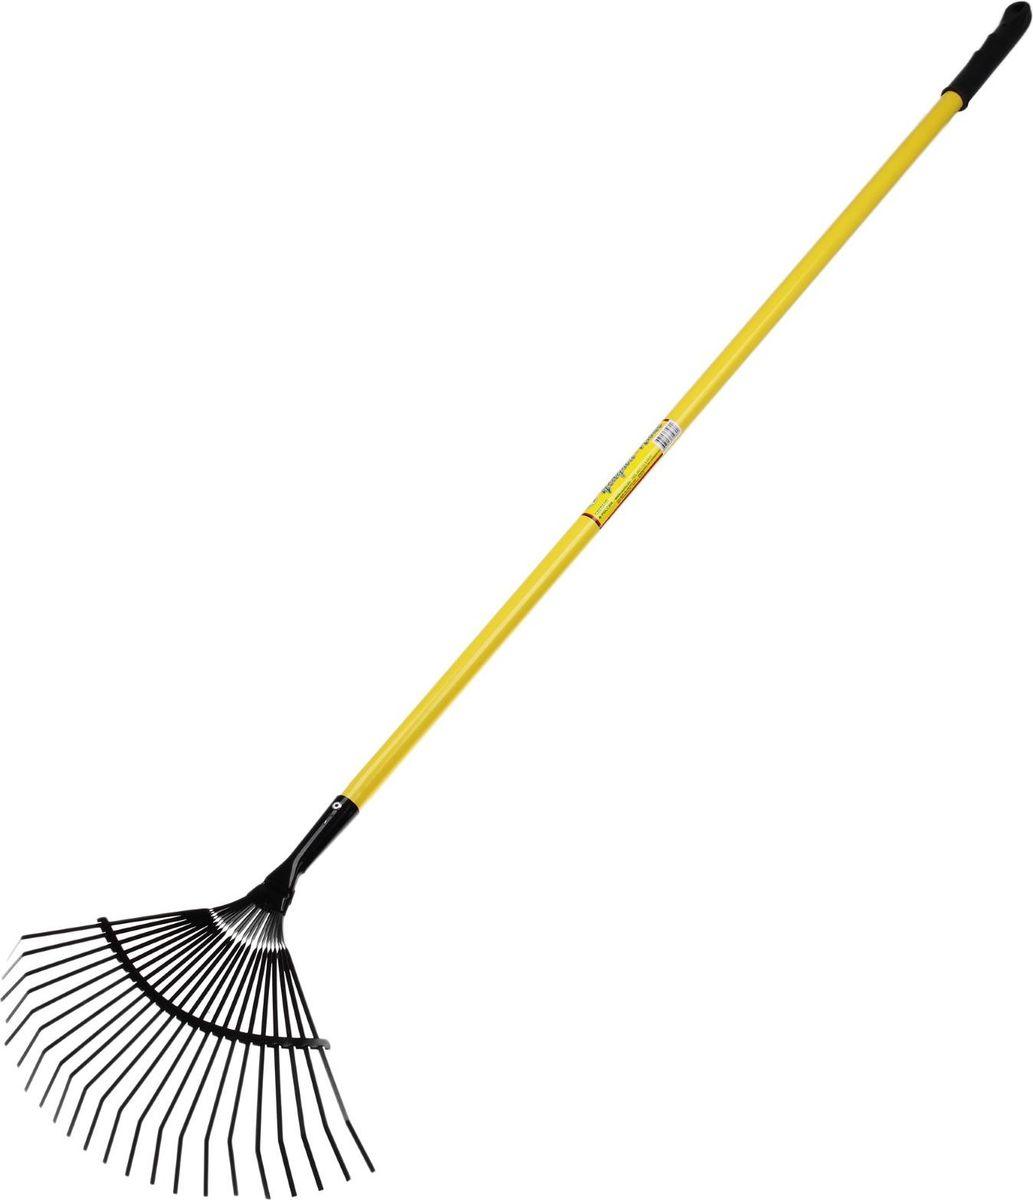 Грабли веерные Усадьба-люкс, с черенком, цвет: желтый, длина 160 см531-402Веерные грабли предназначены для сезонного сбора опавших листьев, скошенной травы, мелкого садового мусора и сорняков. Благодаря форме веера и большому количеству плоских пластинчатых пружинящих зубцов вы быстрее справитесь с уборкой вашего сада.Металлическое приспособление долговечное, простое и универсальное в использовании. Применяется как для уборки земли, так и асфальтовых и бетонных покрытий. Черенок входит в комплект. Внимание!Изделие не предназначено для рыхления земли.